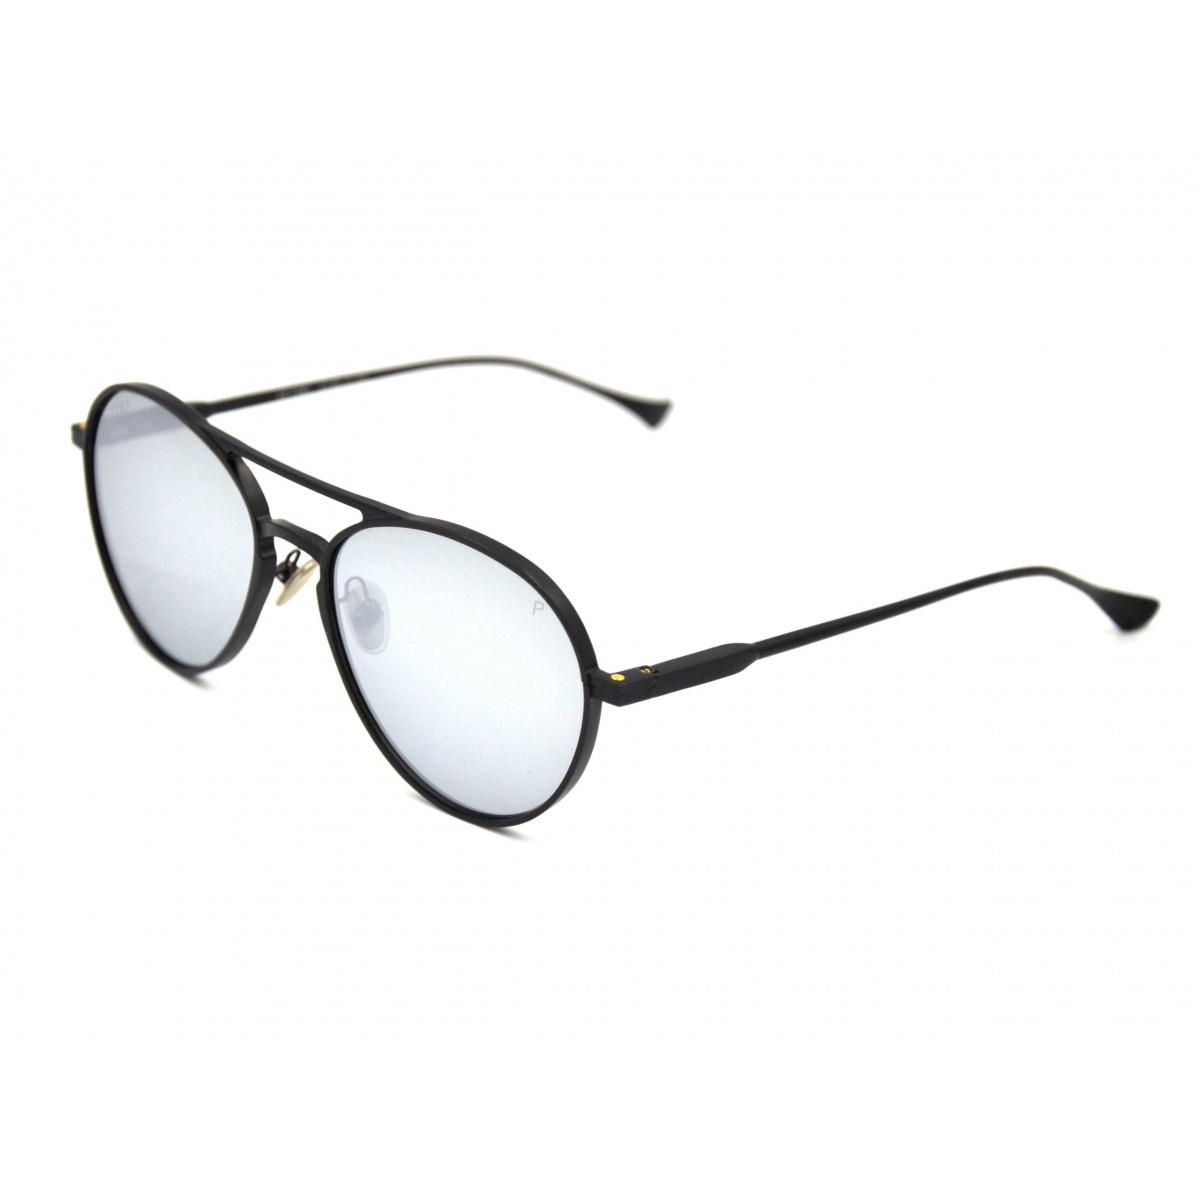 TIWI ALUMINIUM C2 Sunglasses 2020